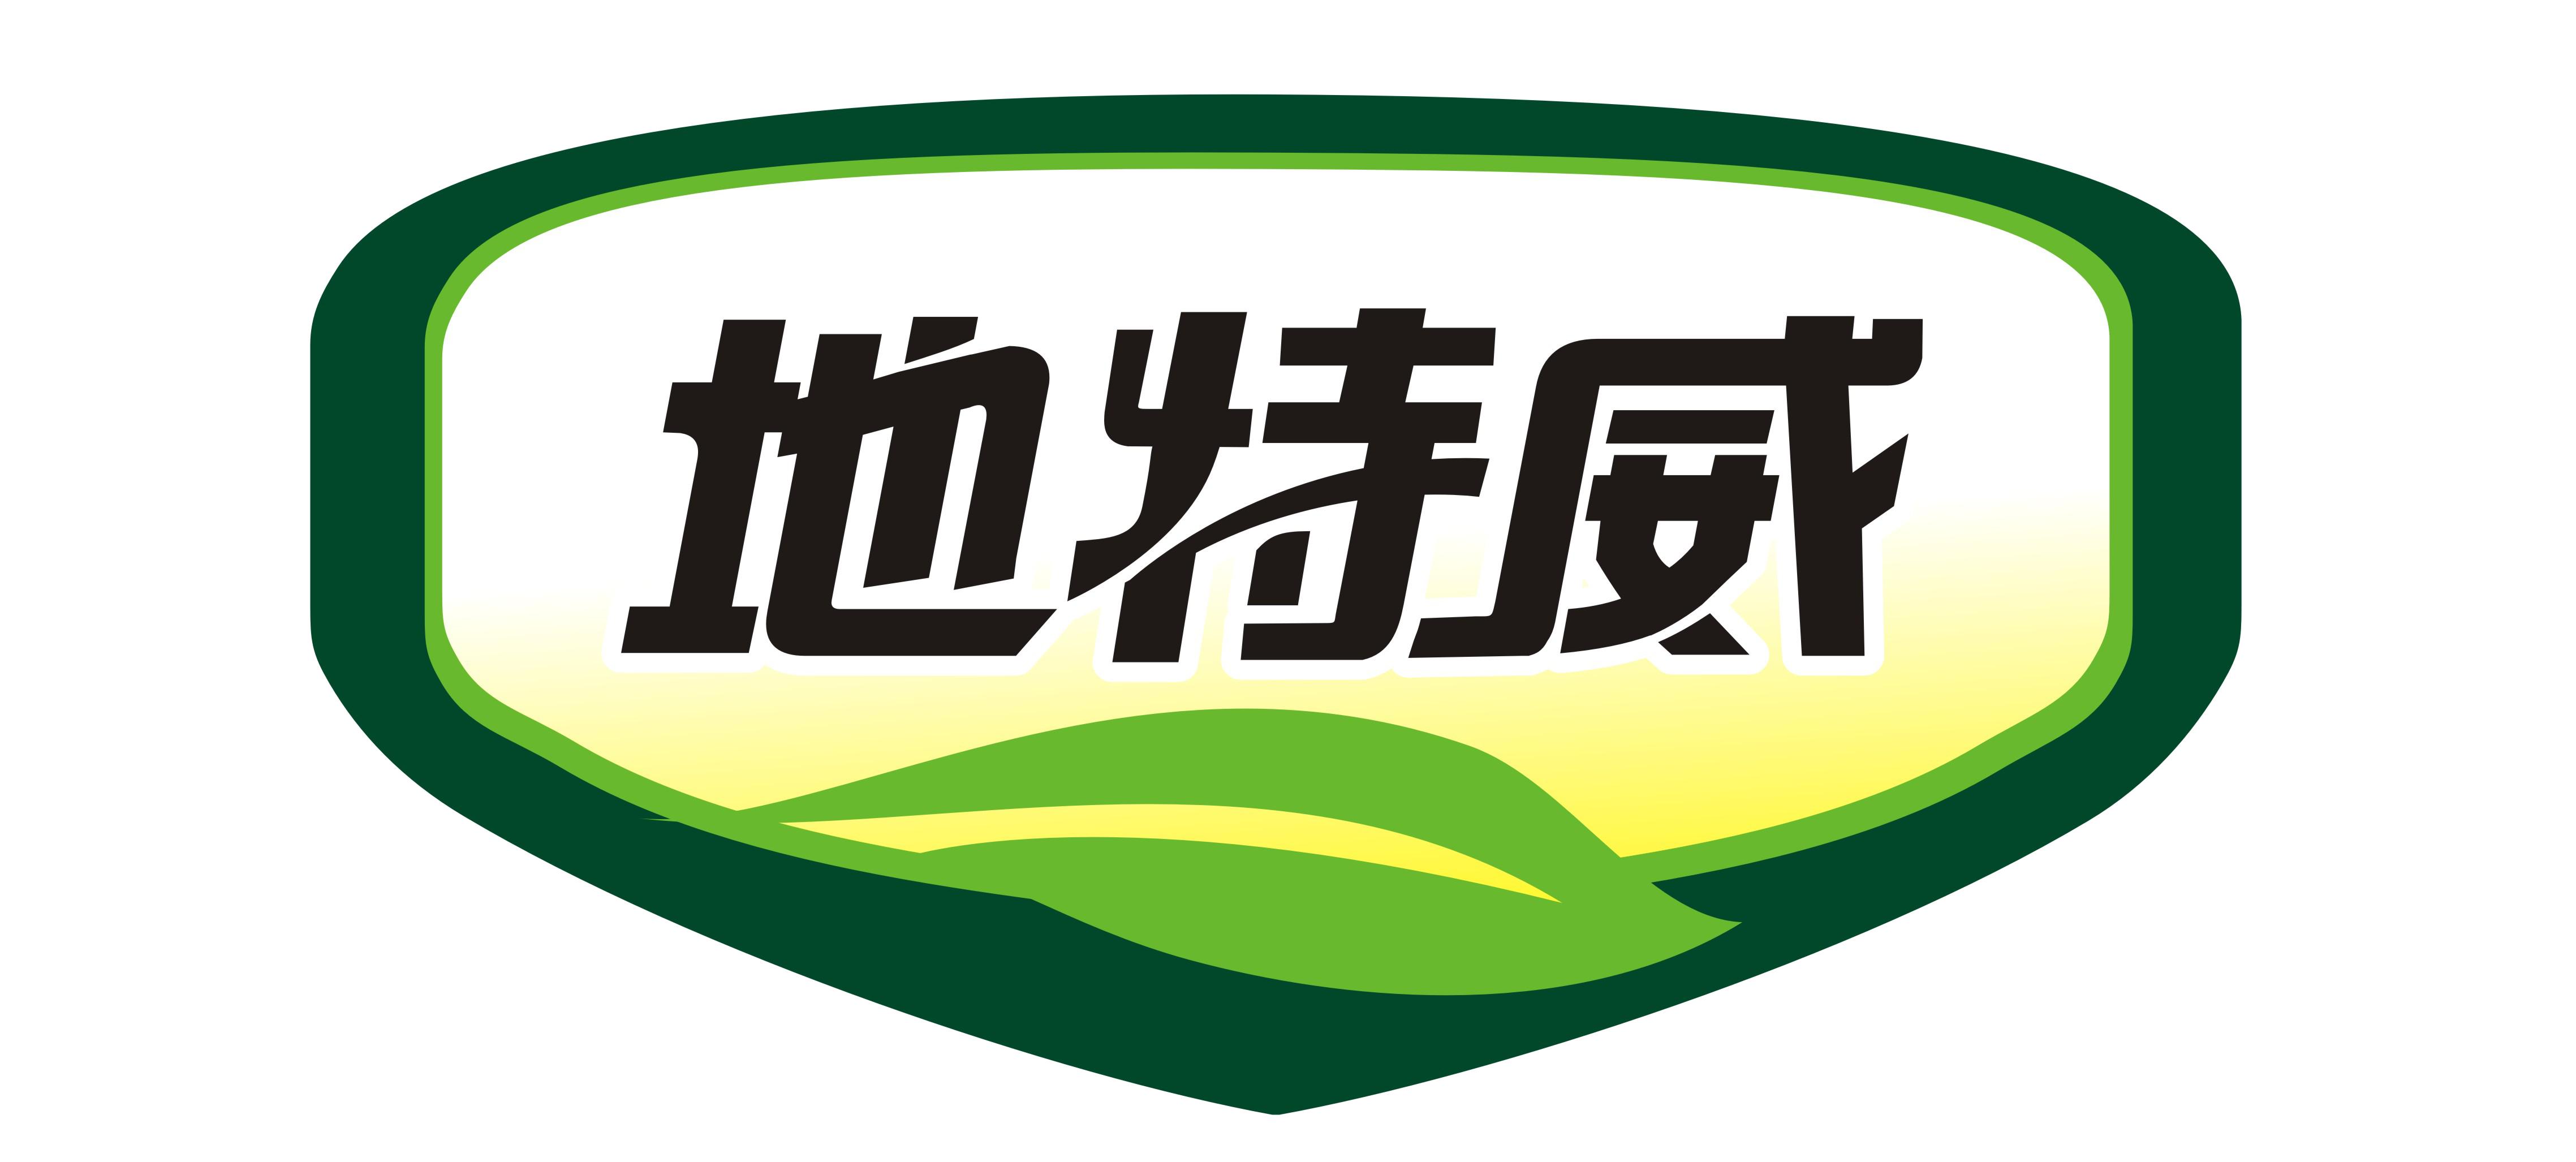 重庆推进生活垃圾分类 个人未分类投放最高罚款200元